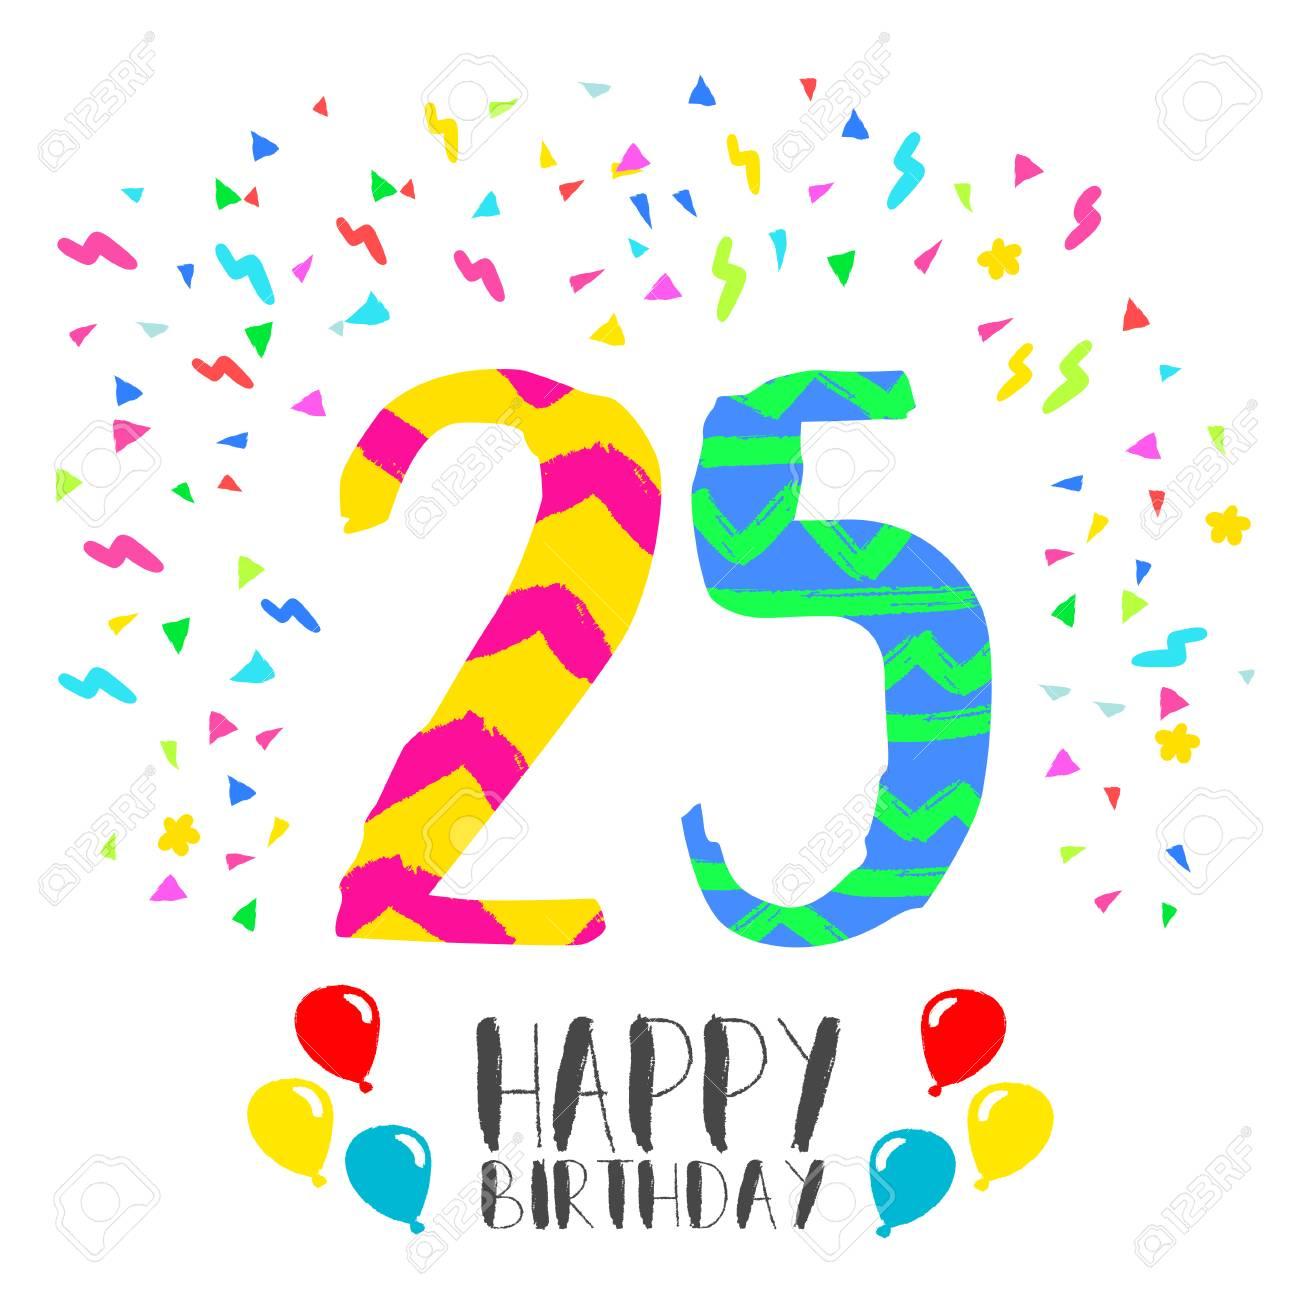 Numero 25 Del Feliz Cumpleanos Tarjeta De Felicitacion Por